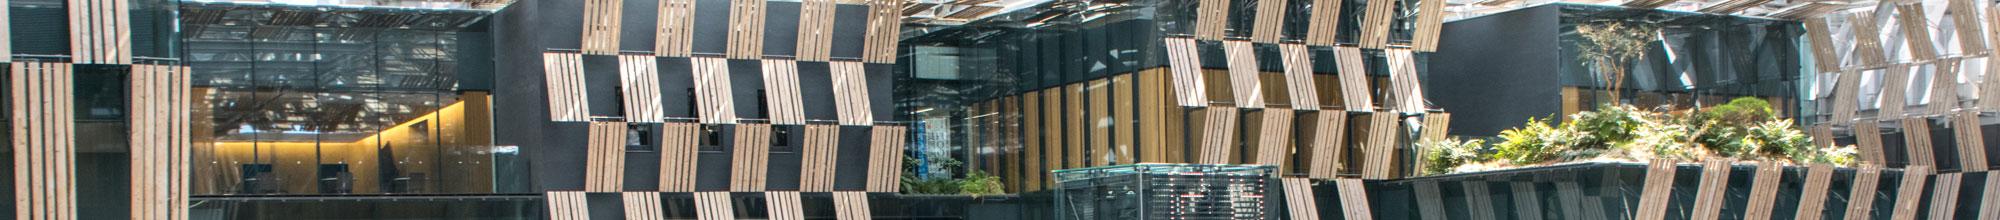 アオーレ - 長岡市を中心に建設・土木・建築資材をお届けします